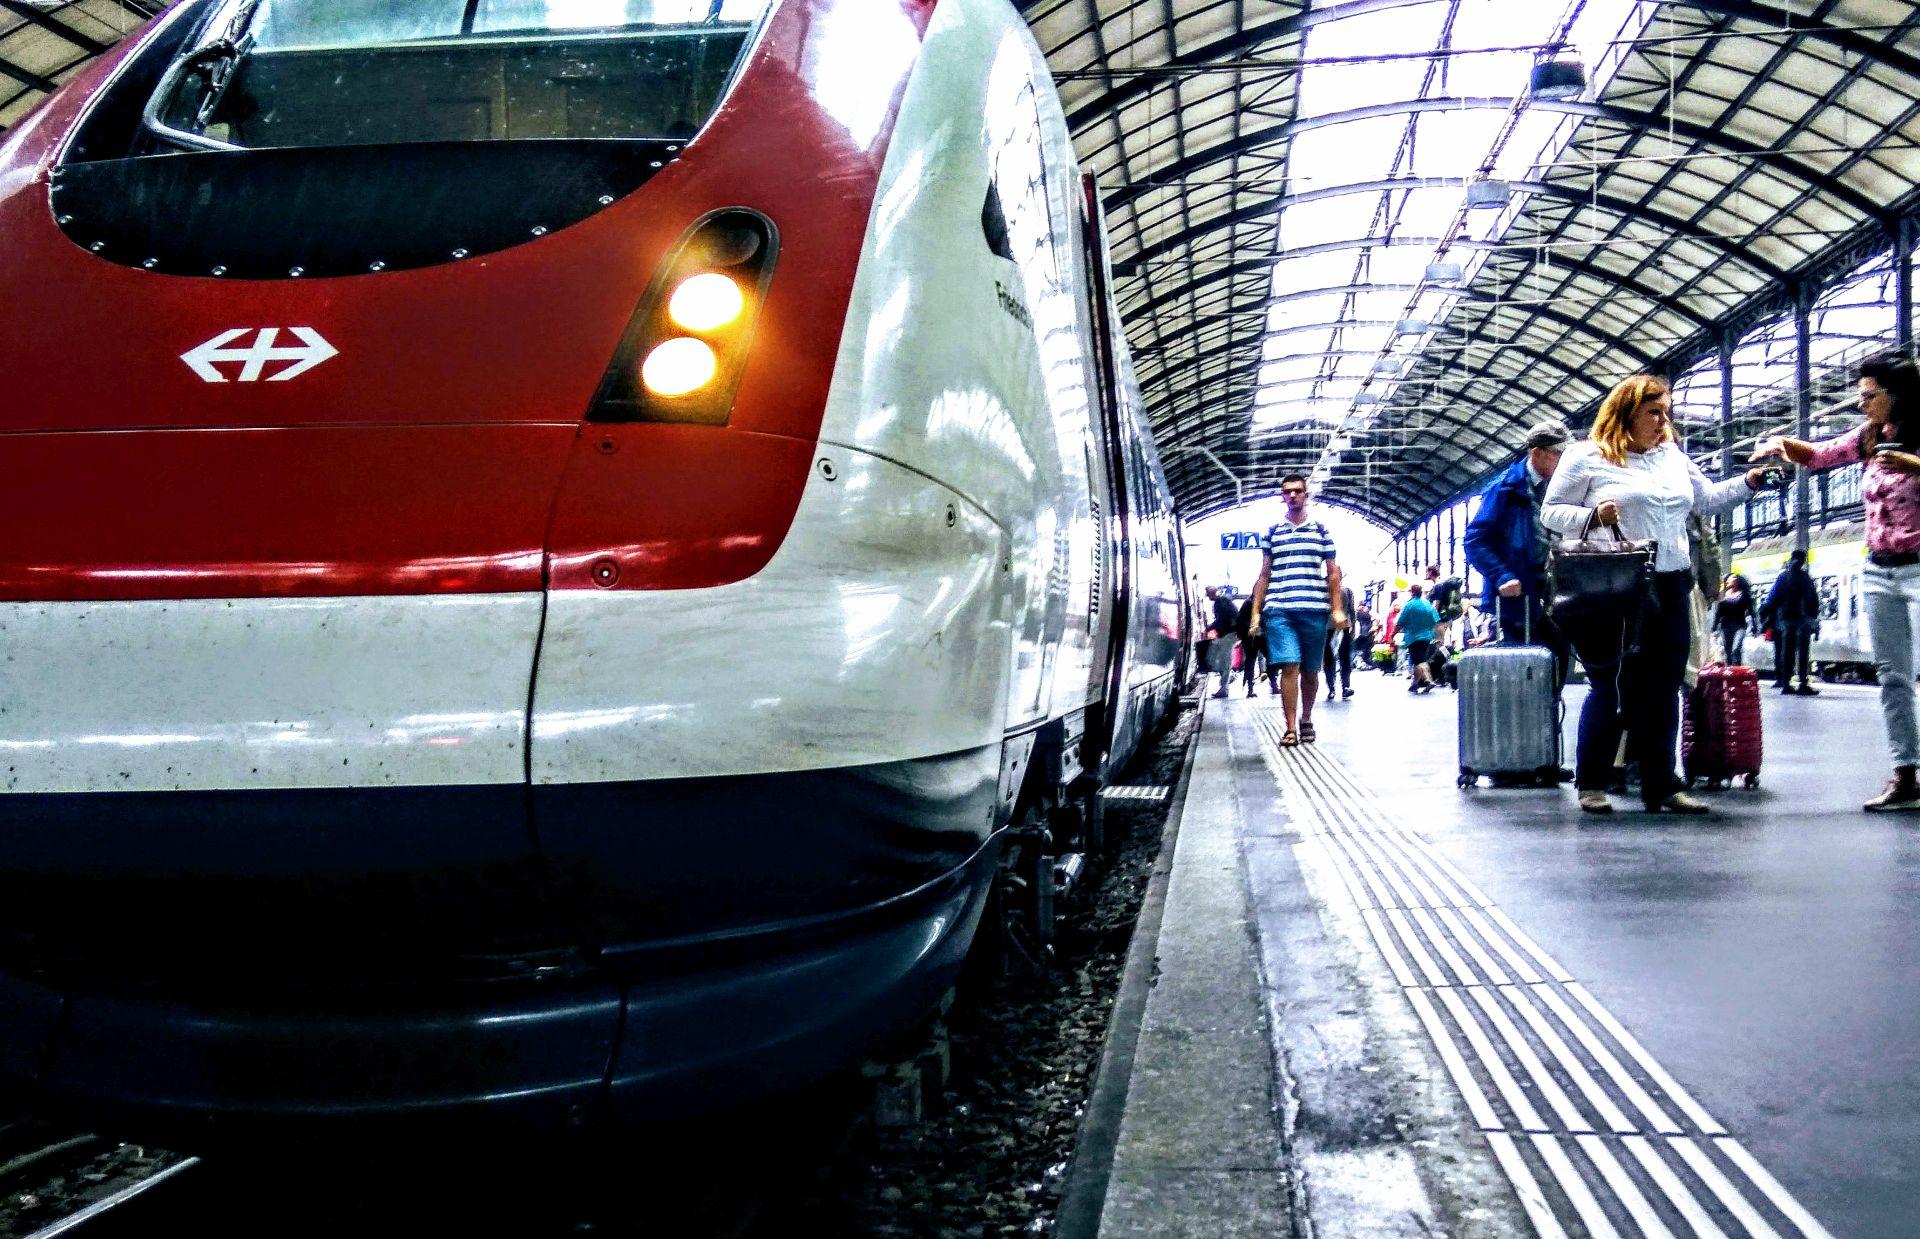 Cestující na nádraží ve švýcarském Lucernu. Švýcarsko bývá považované za vzor pro veřejnou dopravu. DPH z jízdenek tu letos kleslo na 7,7 %. Foto: Jan Sůra